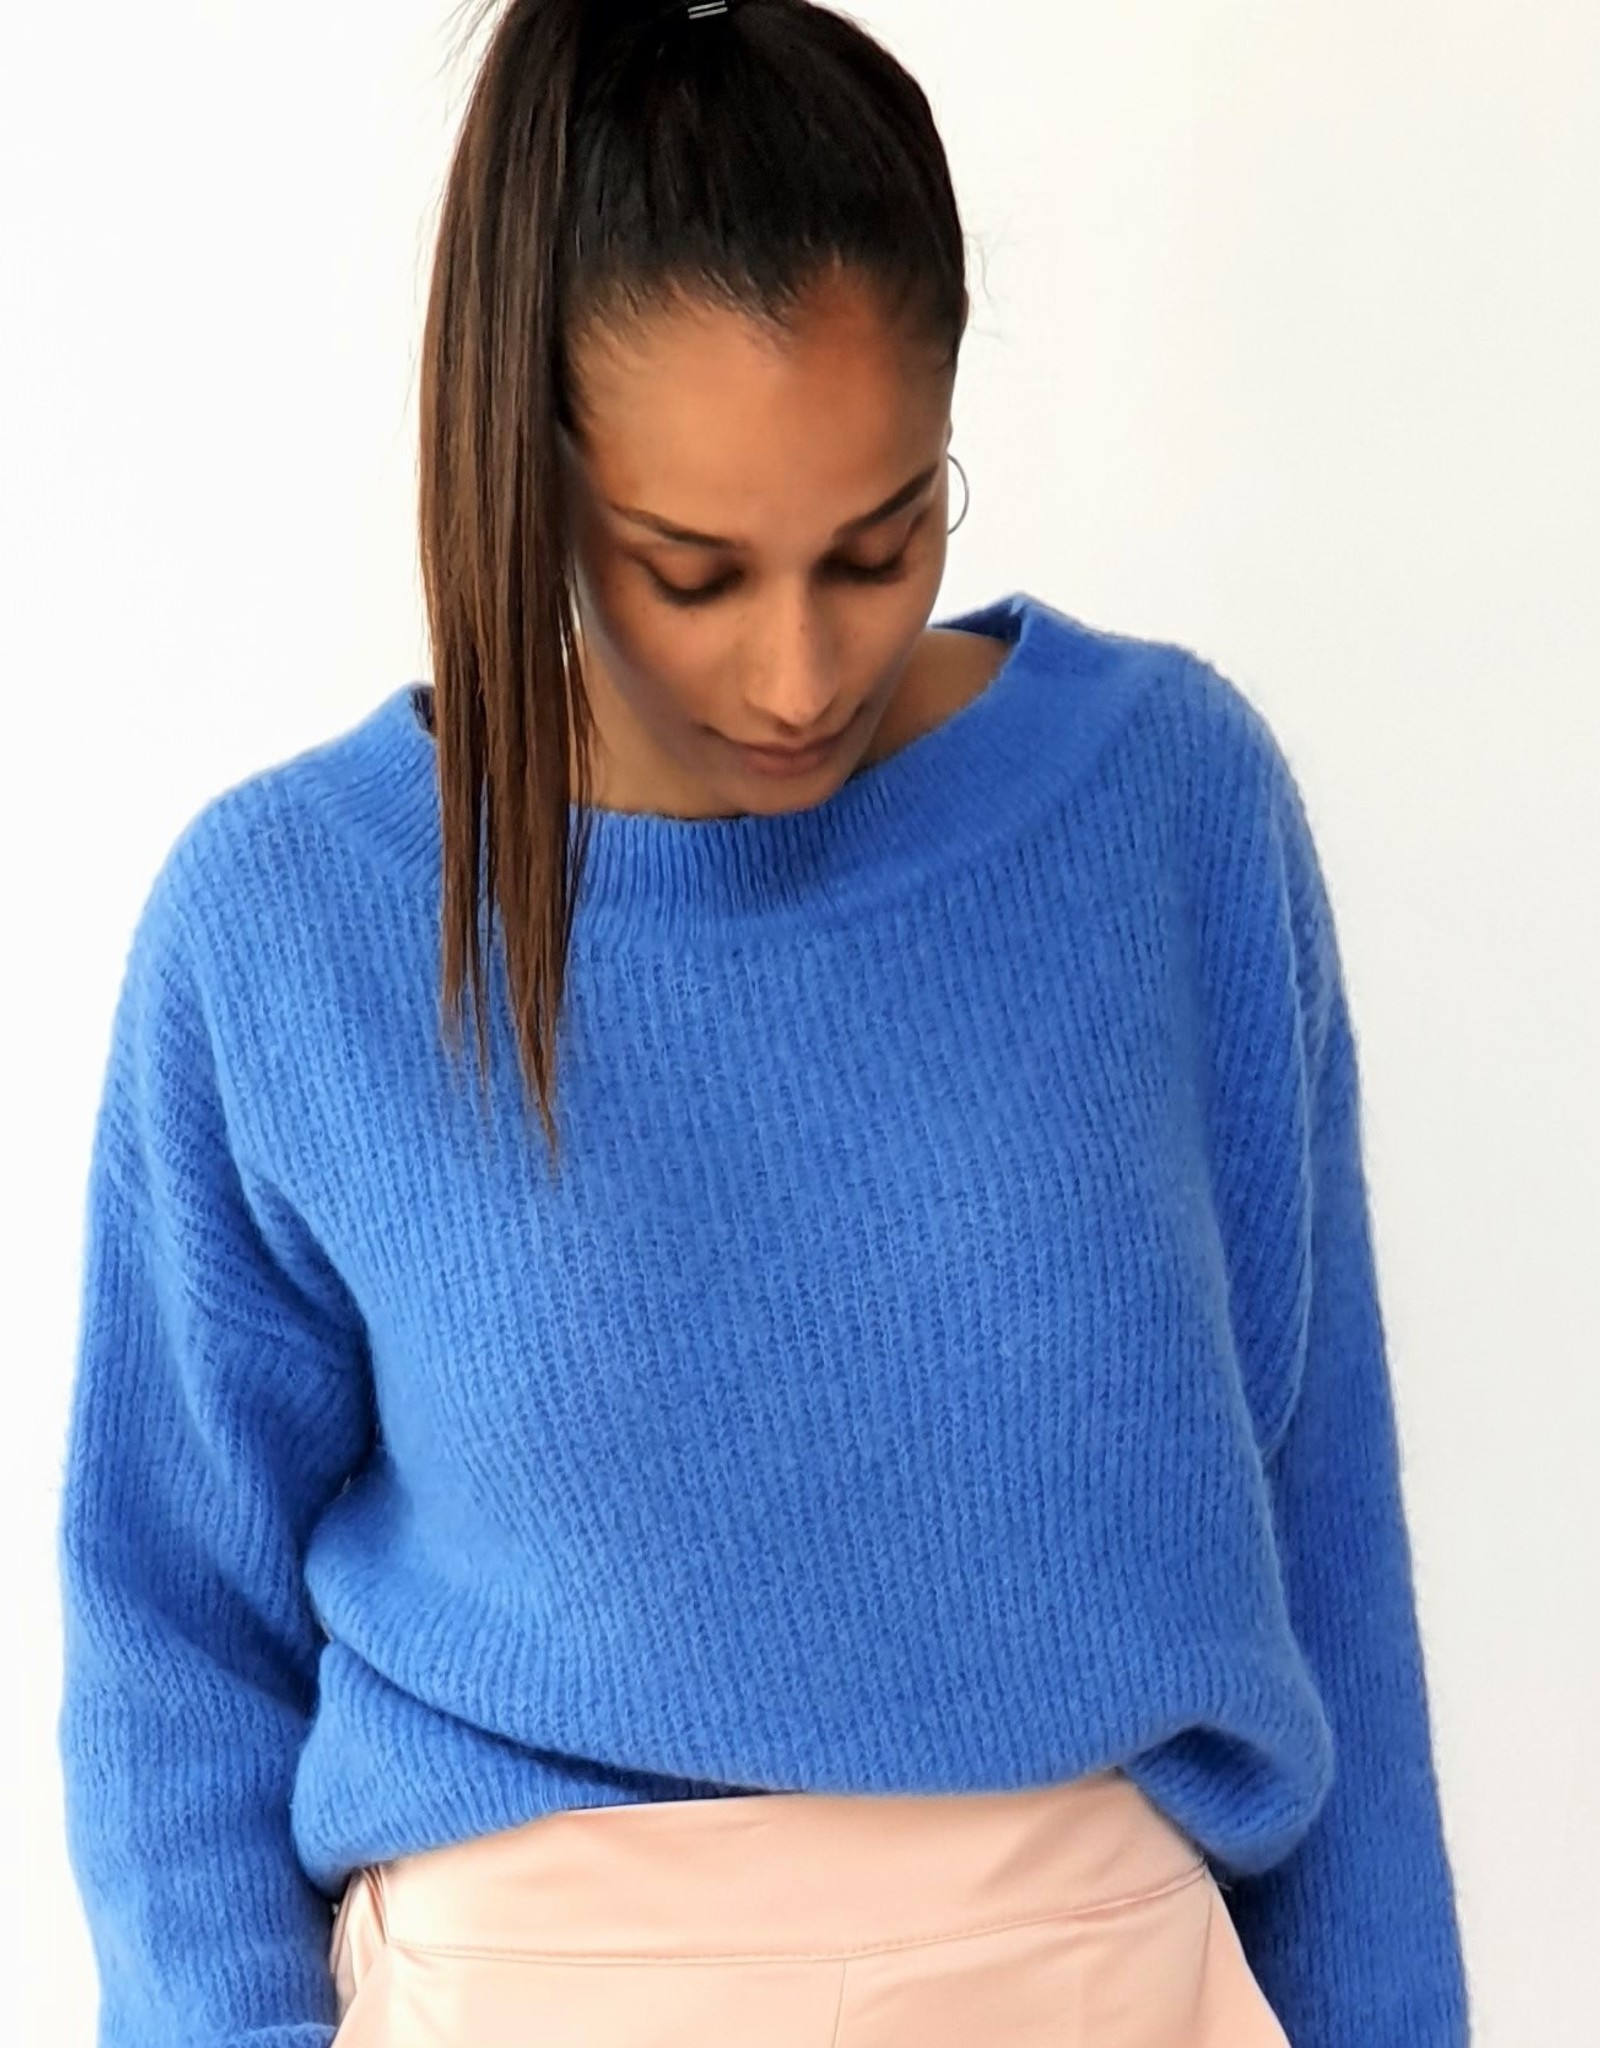 Blue feeling knitted sweateer